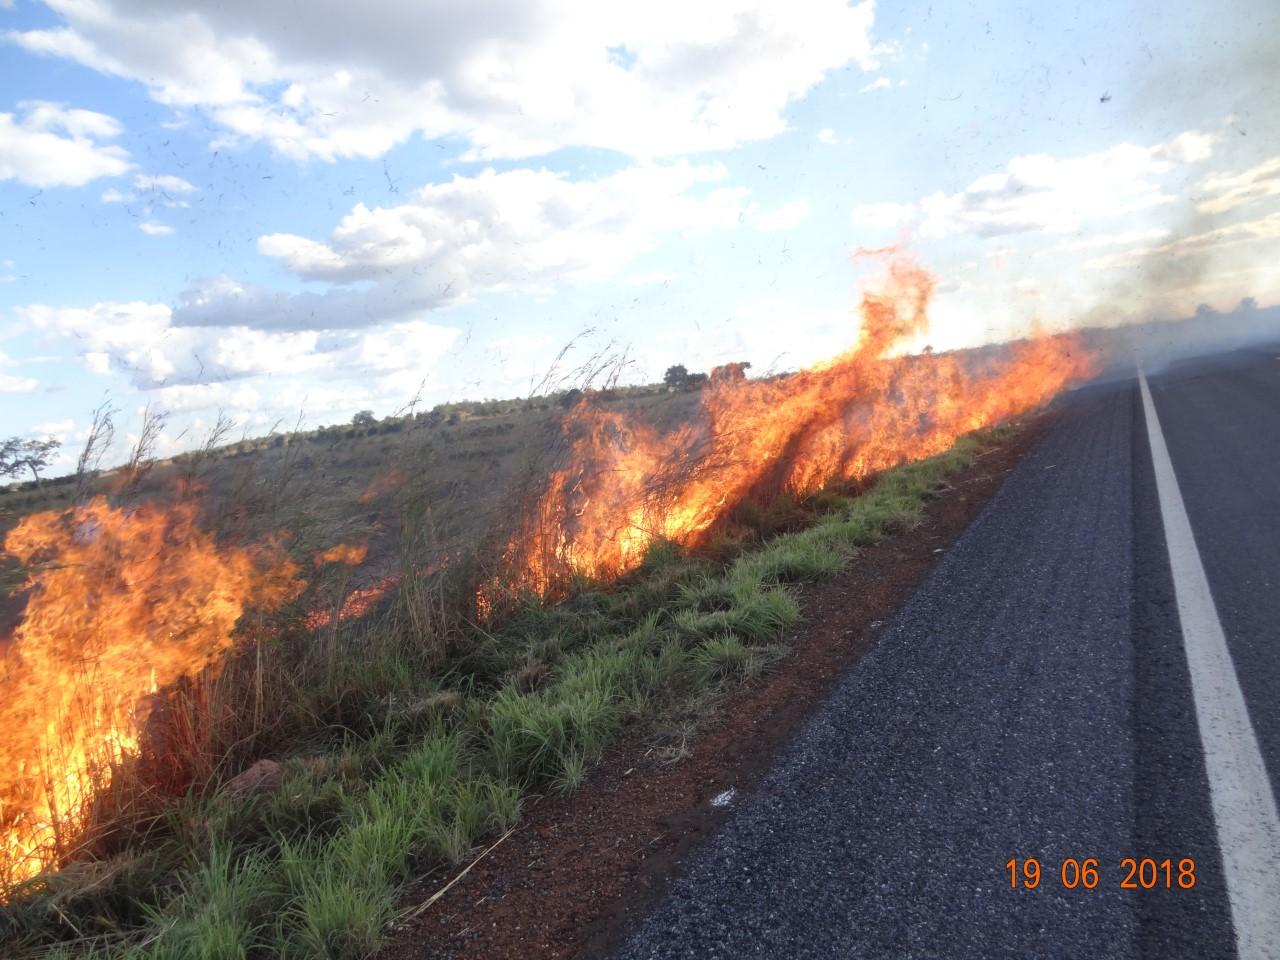 Monumento Natural das Árvores Fossilizadas realiza prevenção às queimadas